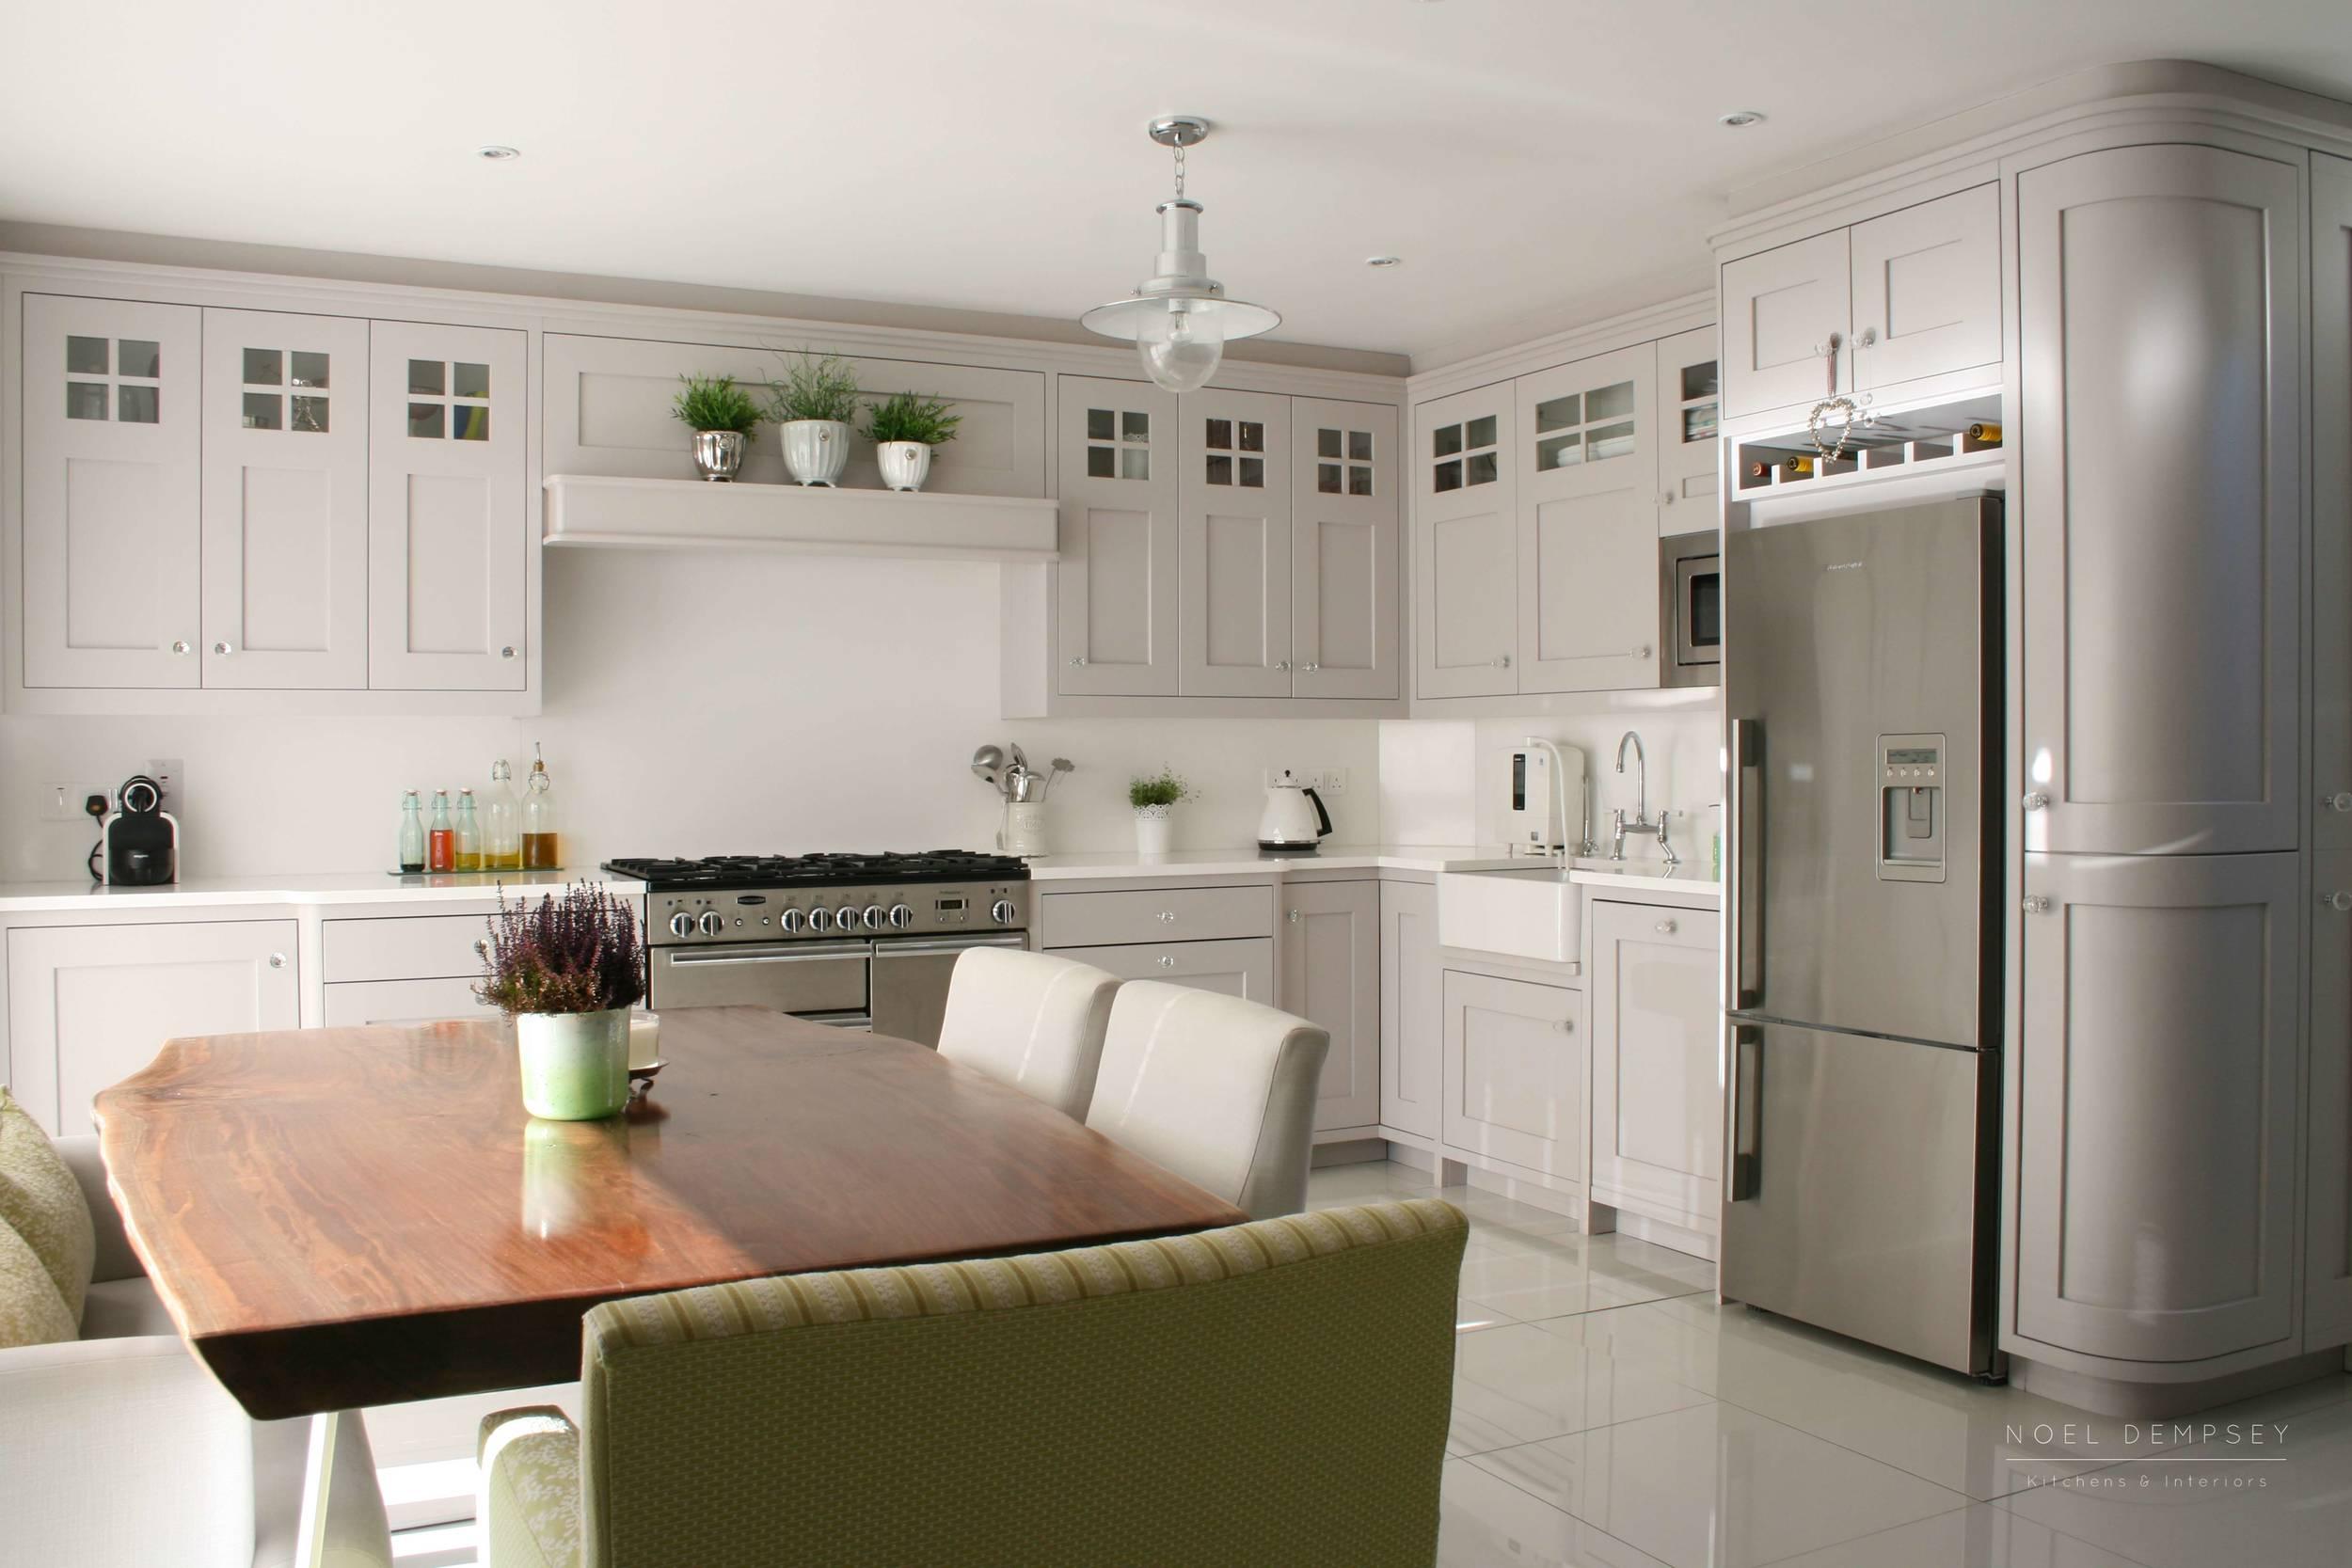 Gracefield-Inframe-Kitchen-2.jpg